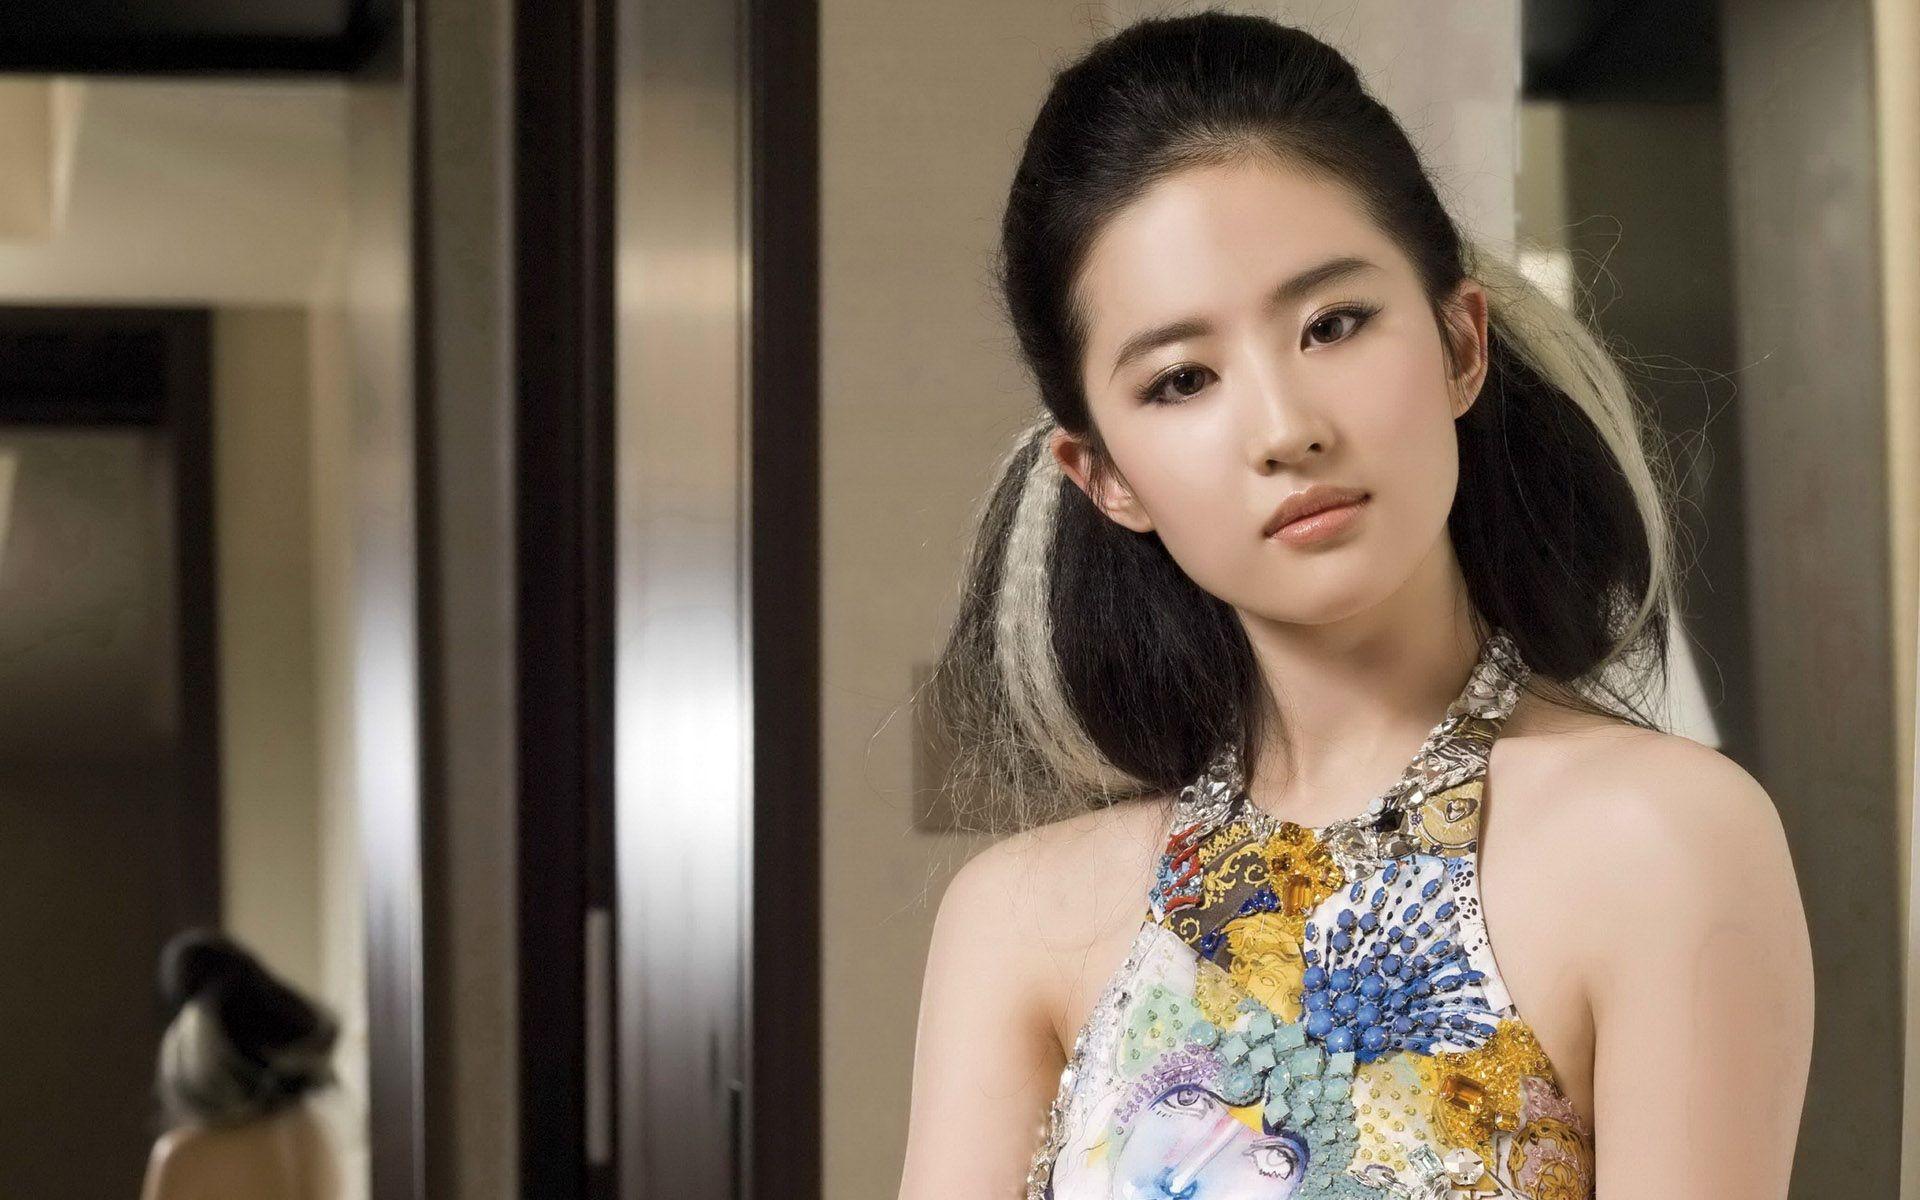 China girl dating usa